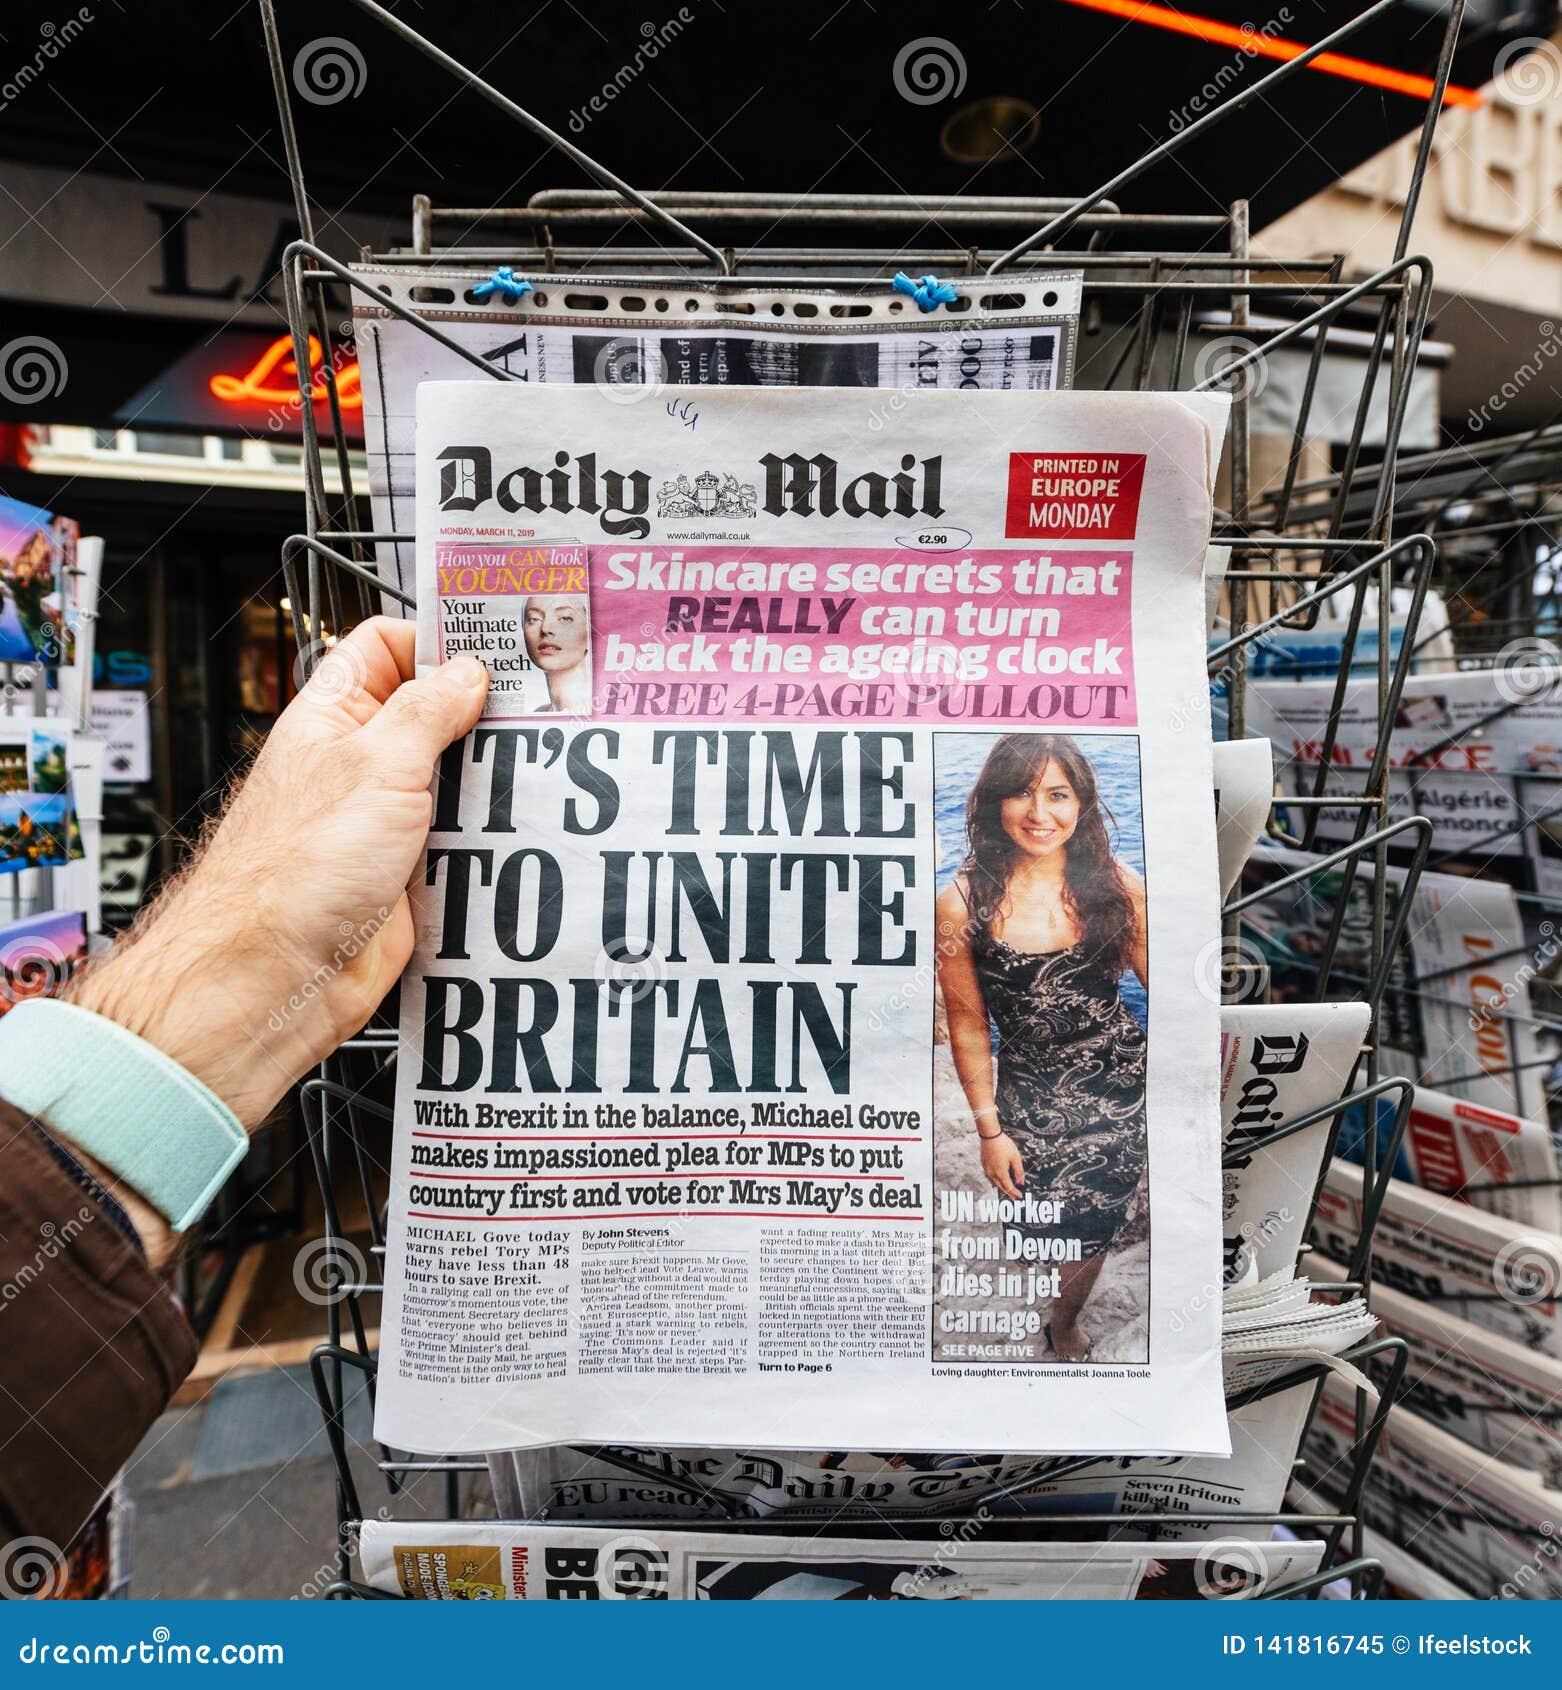 关于Brexit的每日邮报